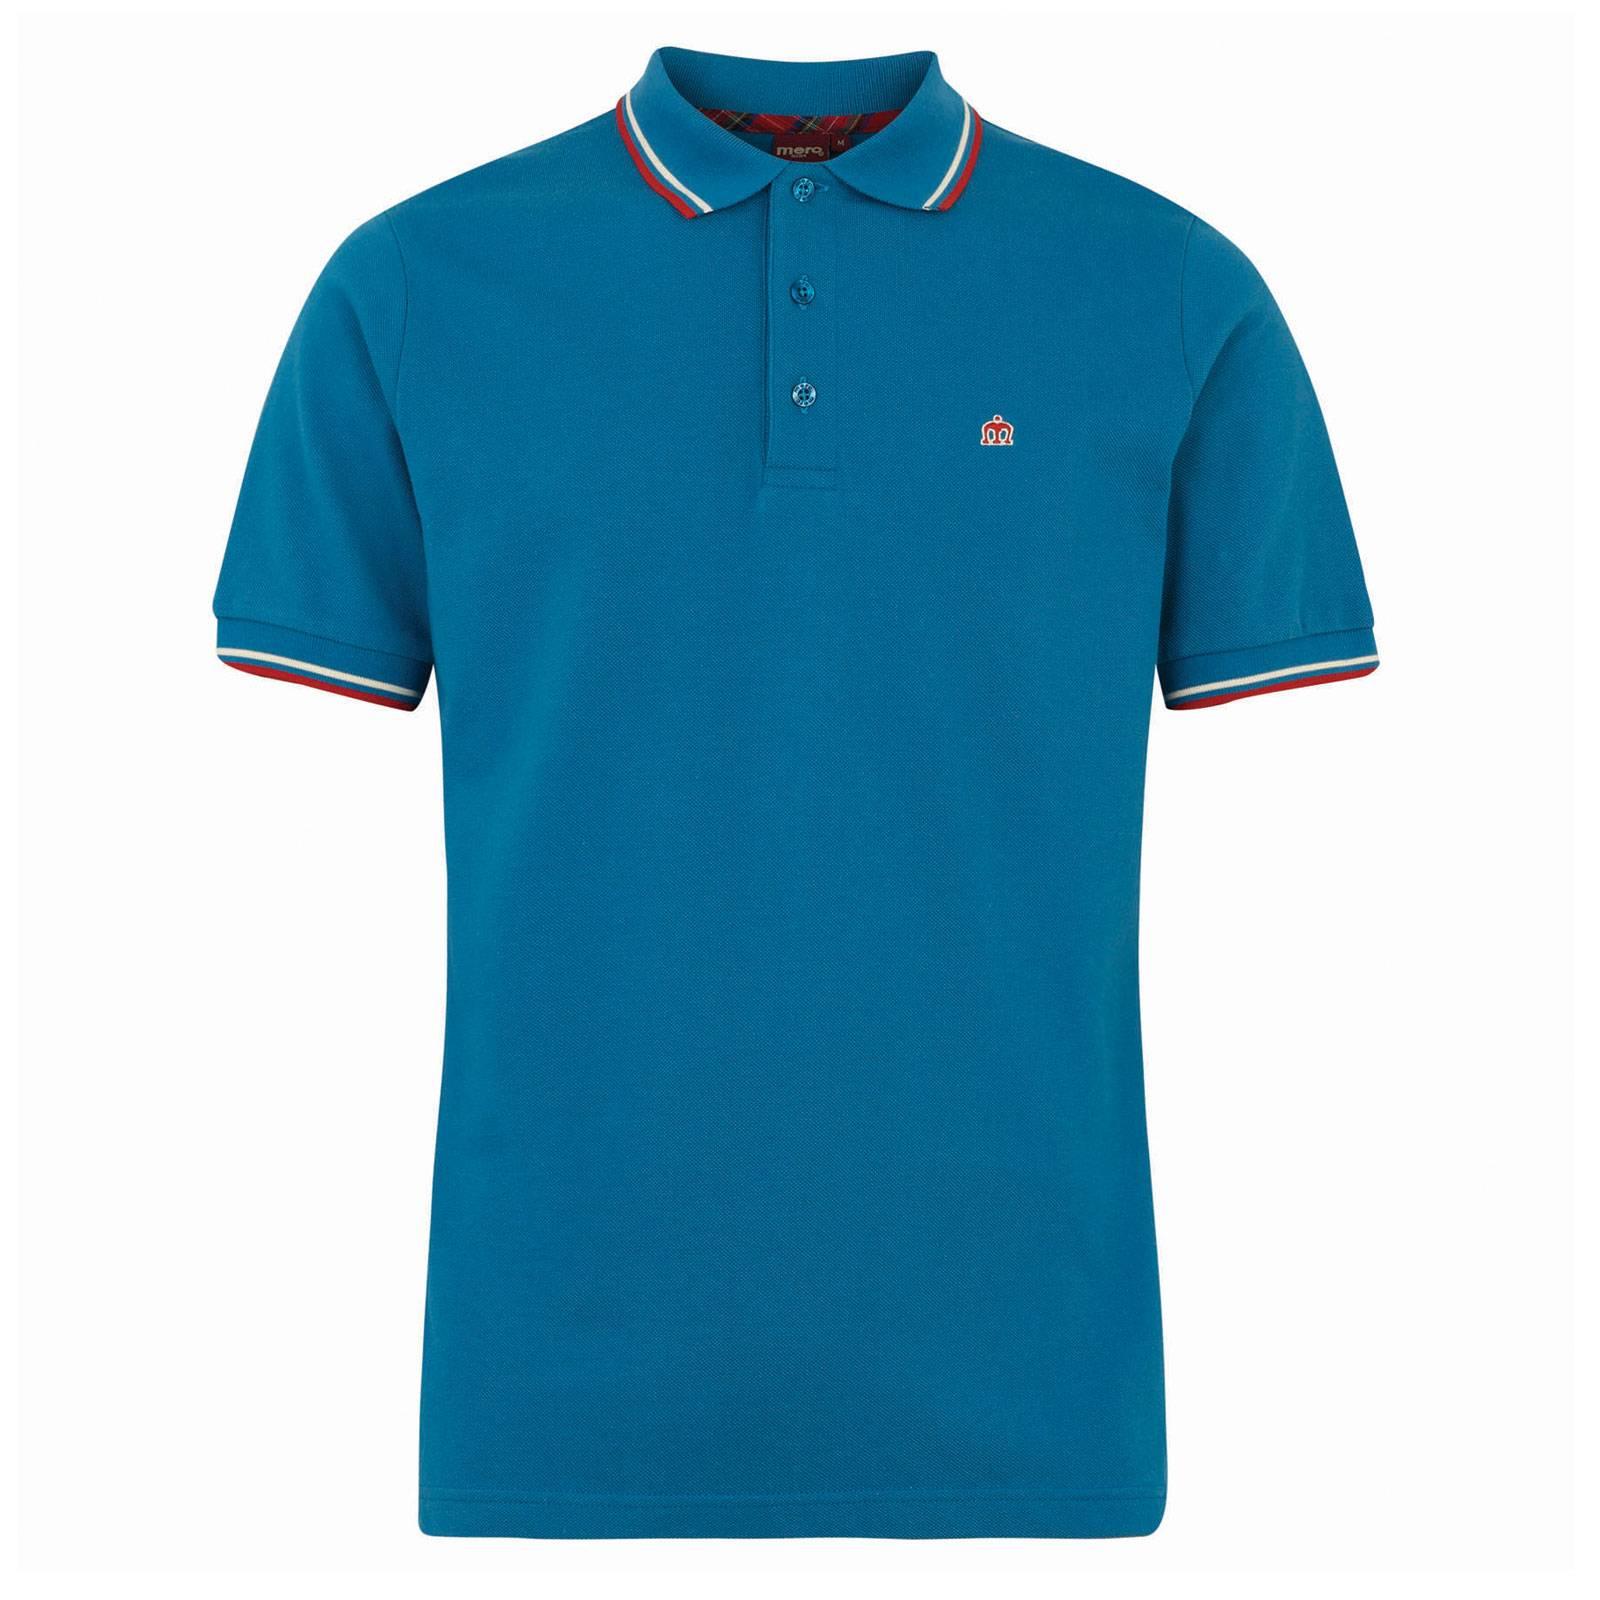 Рубашка Поло CardCORE<br>Эта легендарная, выпускаемая на протяжении десятилетий модель базовой линии &amp;amp;quot;Core&amp;amp;quot; производится из высококачественной хлопковой ткани &amp;amp;quot;пике&amp;amp;quot; - прочной и долговечной. Аккуратный логотип в виде короны привносит аристократизм, контрастные полосы на воротнике и манжетах подчеркивают силуэт, а широкая цветовая палитра поможет подобрать ключ к любому гардеробу - от различного фасона джинсов и брюк до строгой обуви или кроссовок. Нестареющая классика от Merc - традиции и современность.<br><br>Артикул: 1906203<br>Материал: 100% хлопок<br>Цвет: морской волны<br>Пол: Мужской